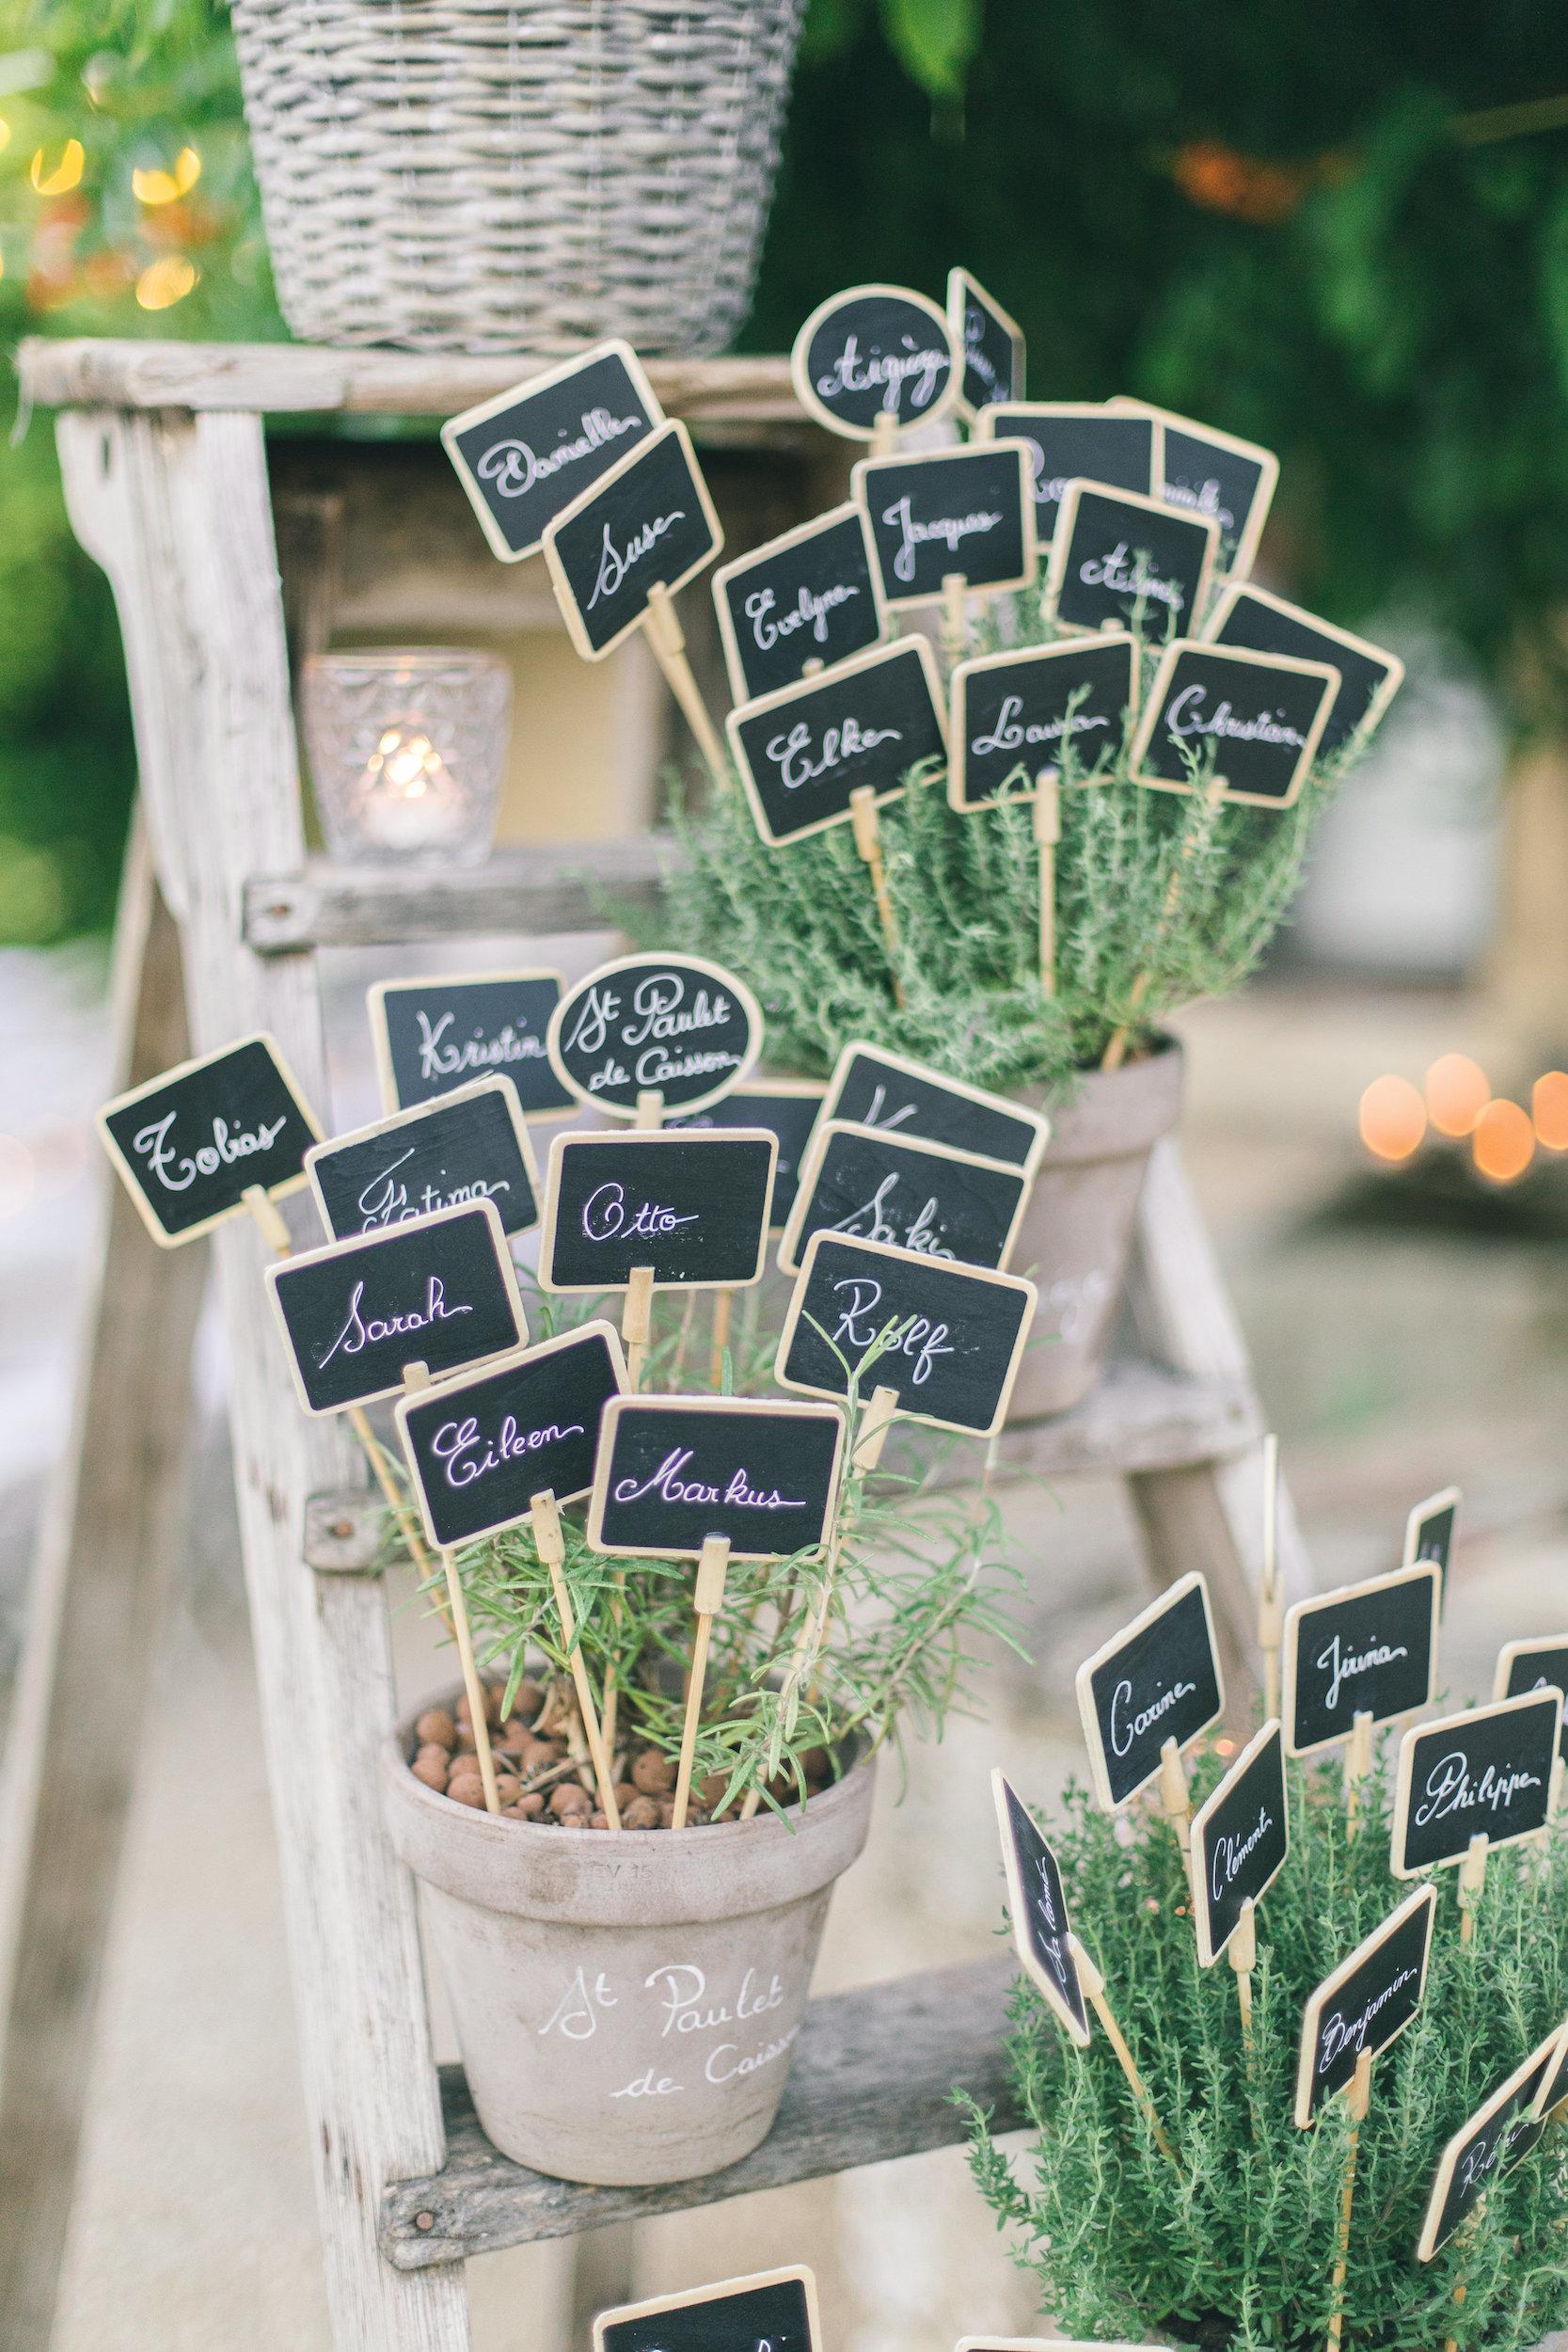 le coeur dans les etoiles - wedding planner - gard - provence - mariage provence - L&C - sebastien cabanes - plantes aromatiques